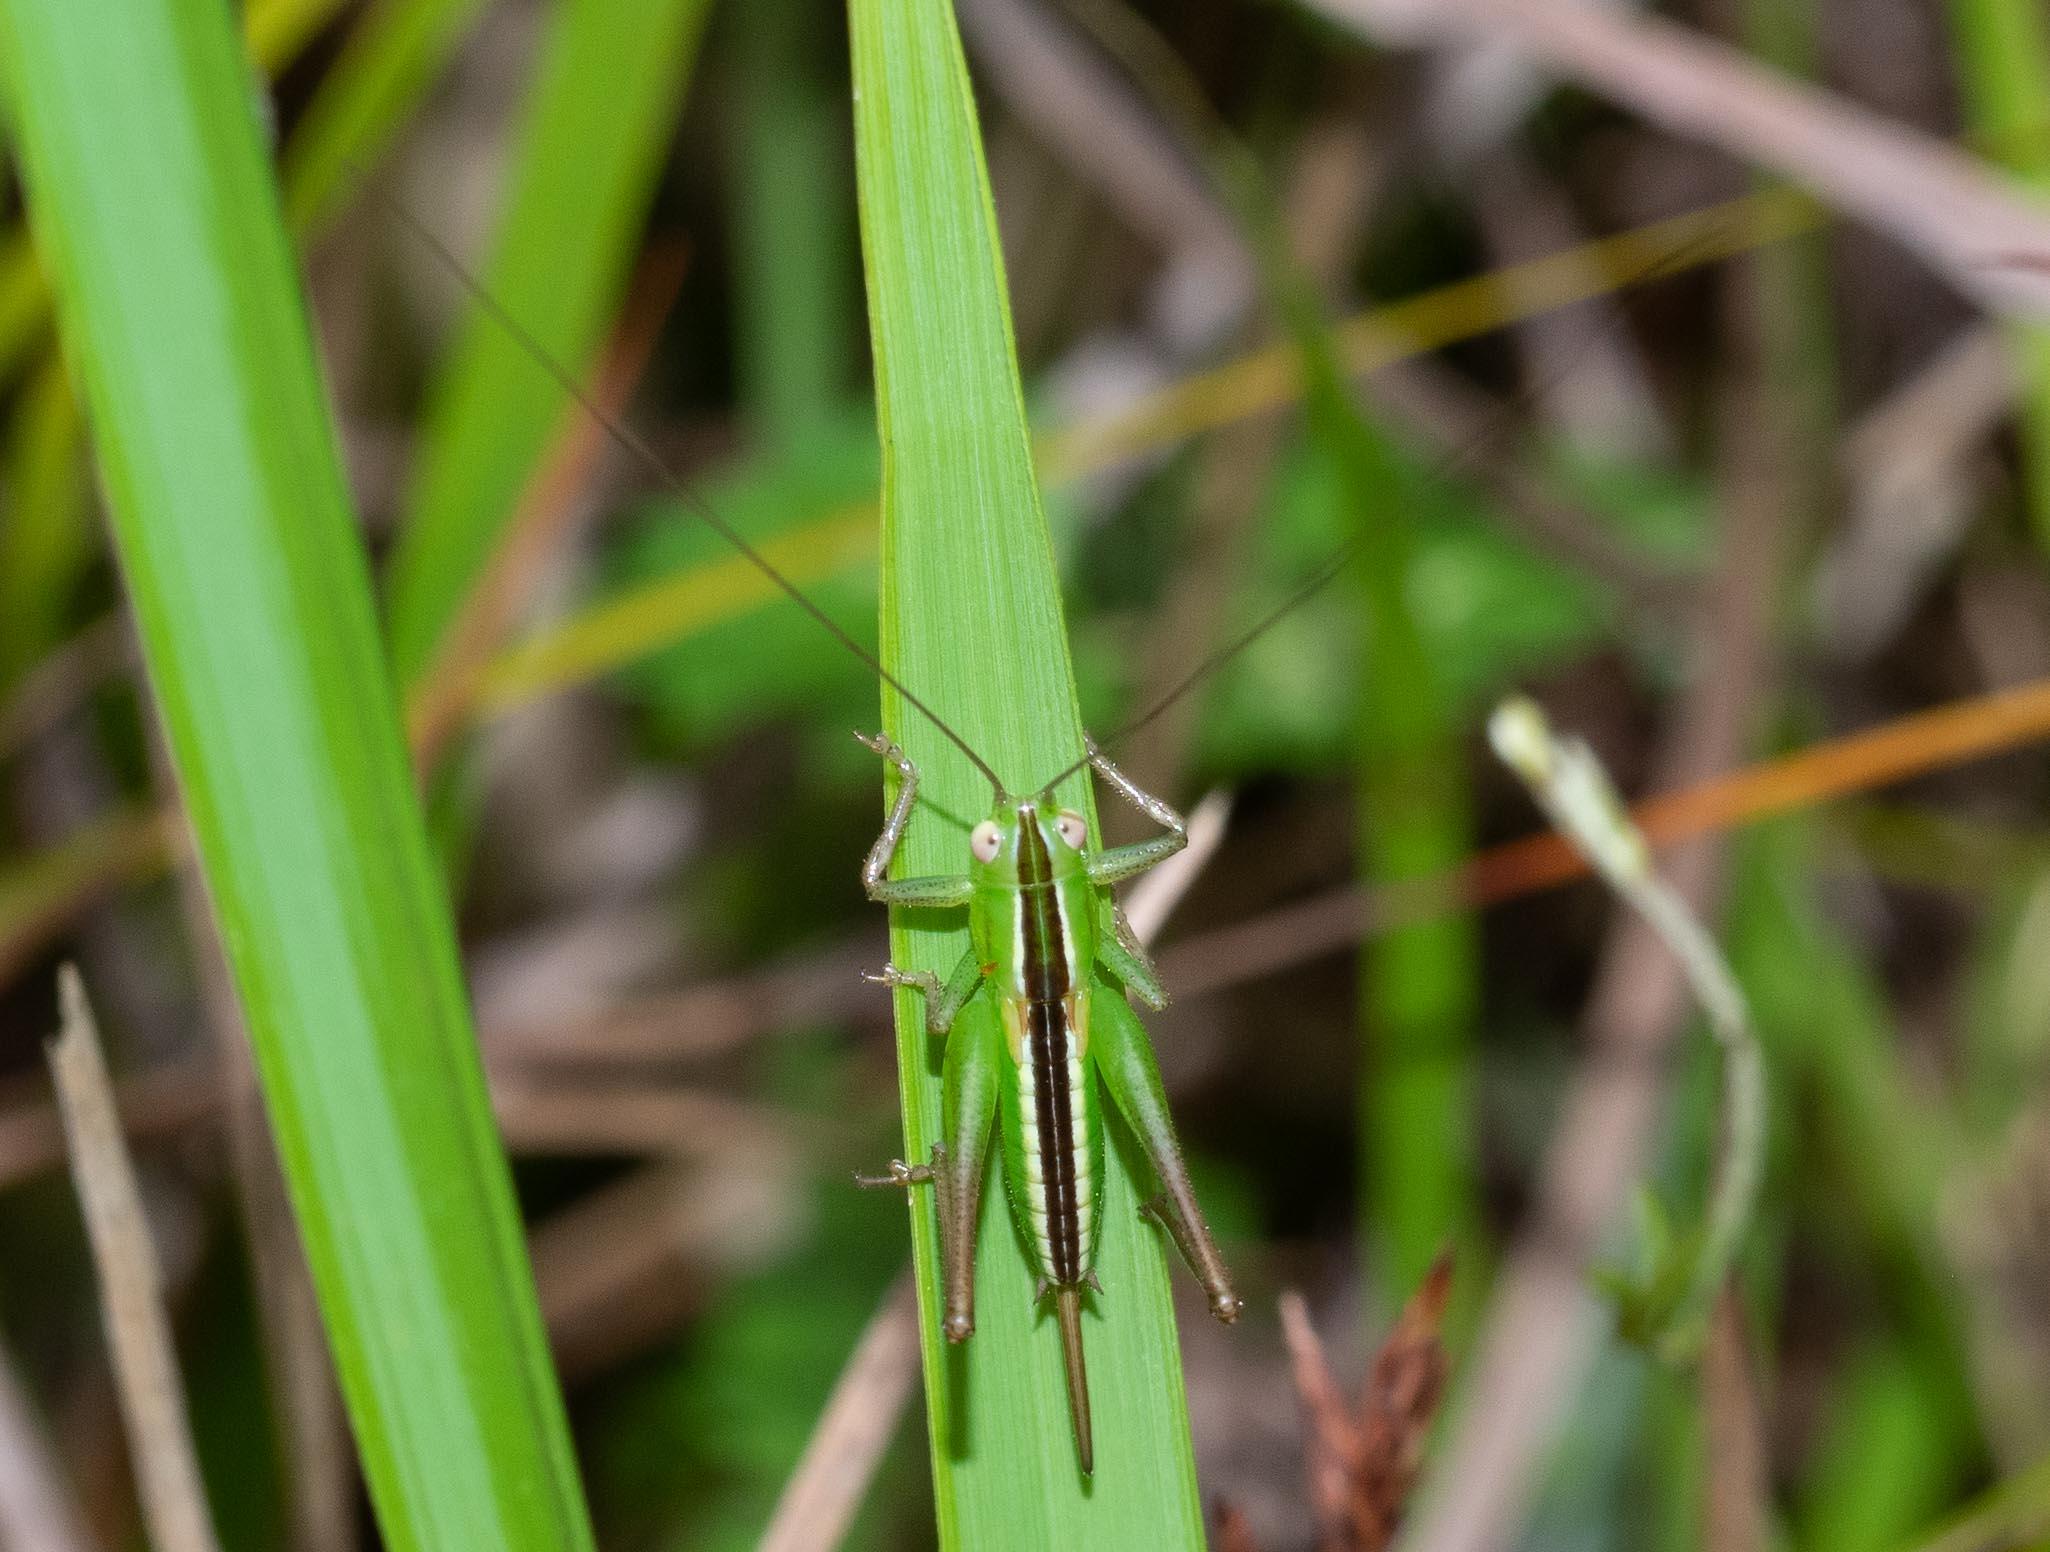 Conocephalus semivittatus (Blackish Meadow Katydid)